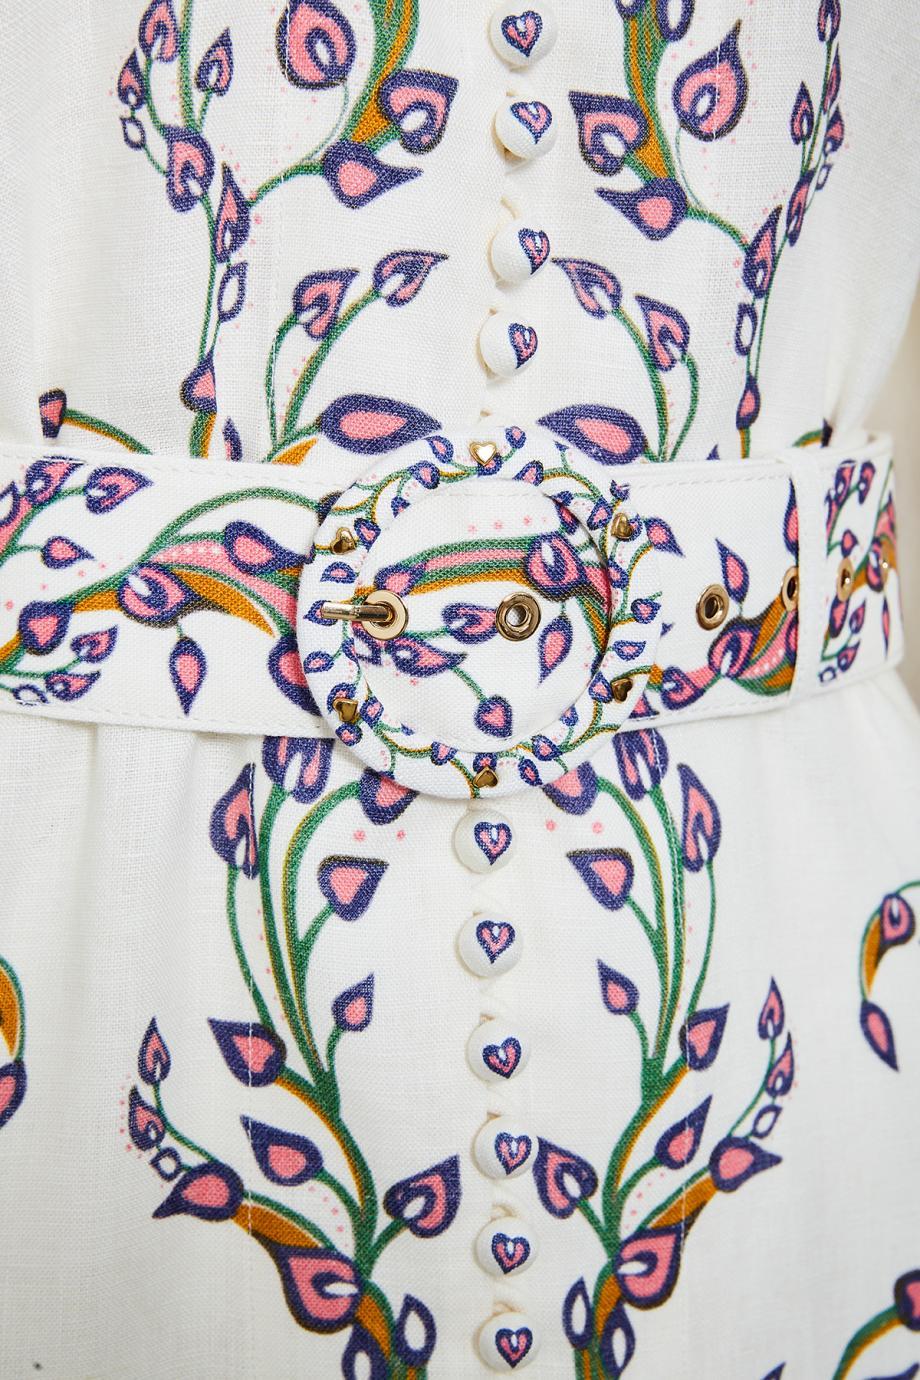 Lovestruck printed linen mini dress